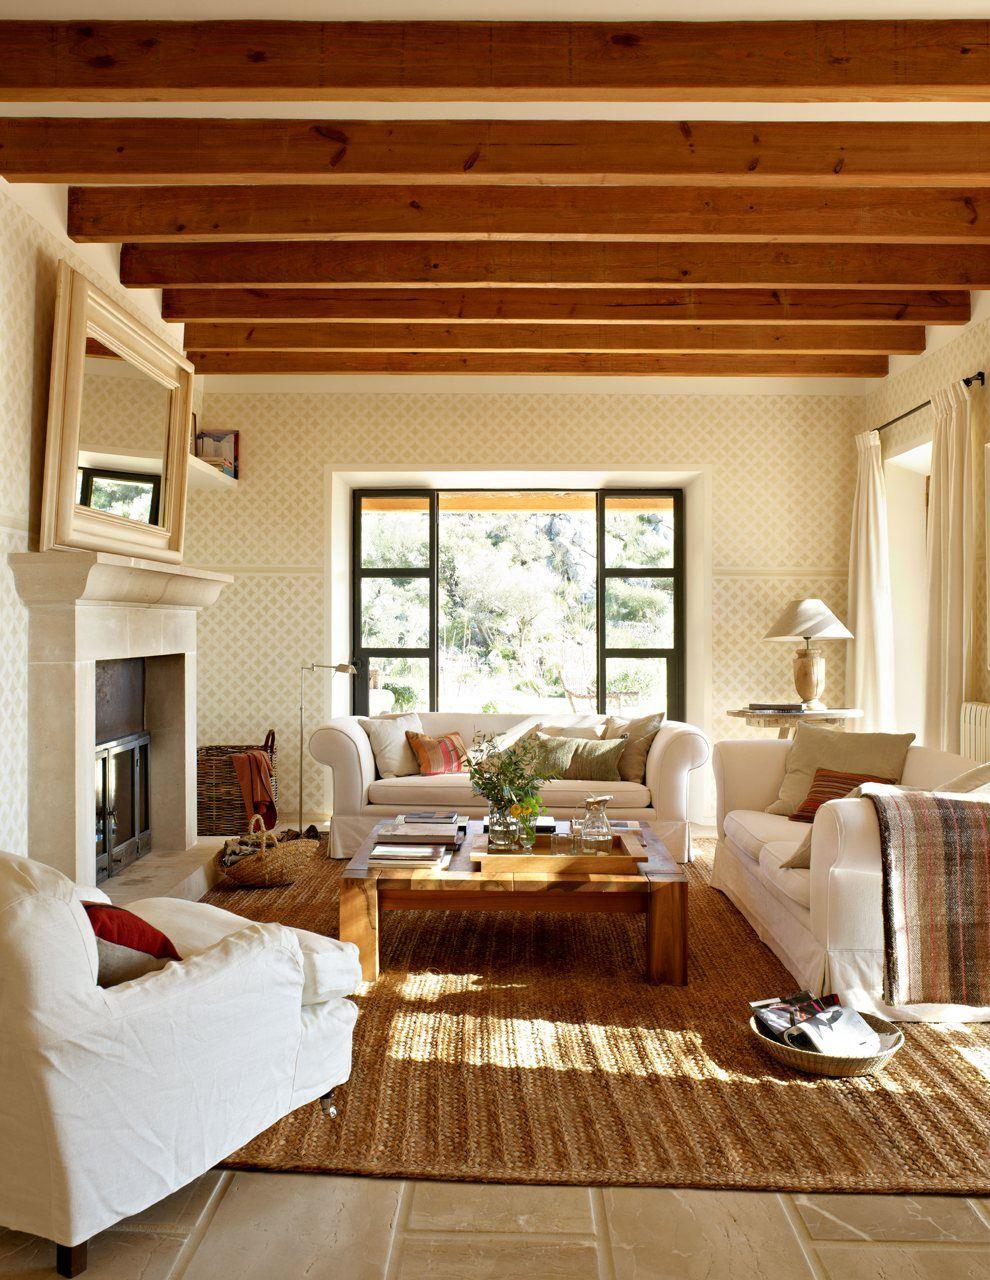 Una casa mallorquina de obra nueva obra nueva casas y for Ideas para decorar una casa nueva